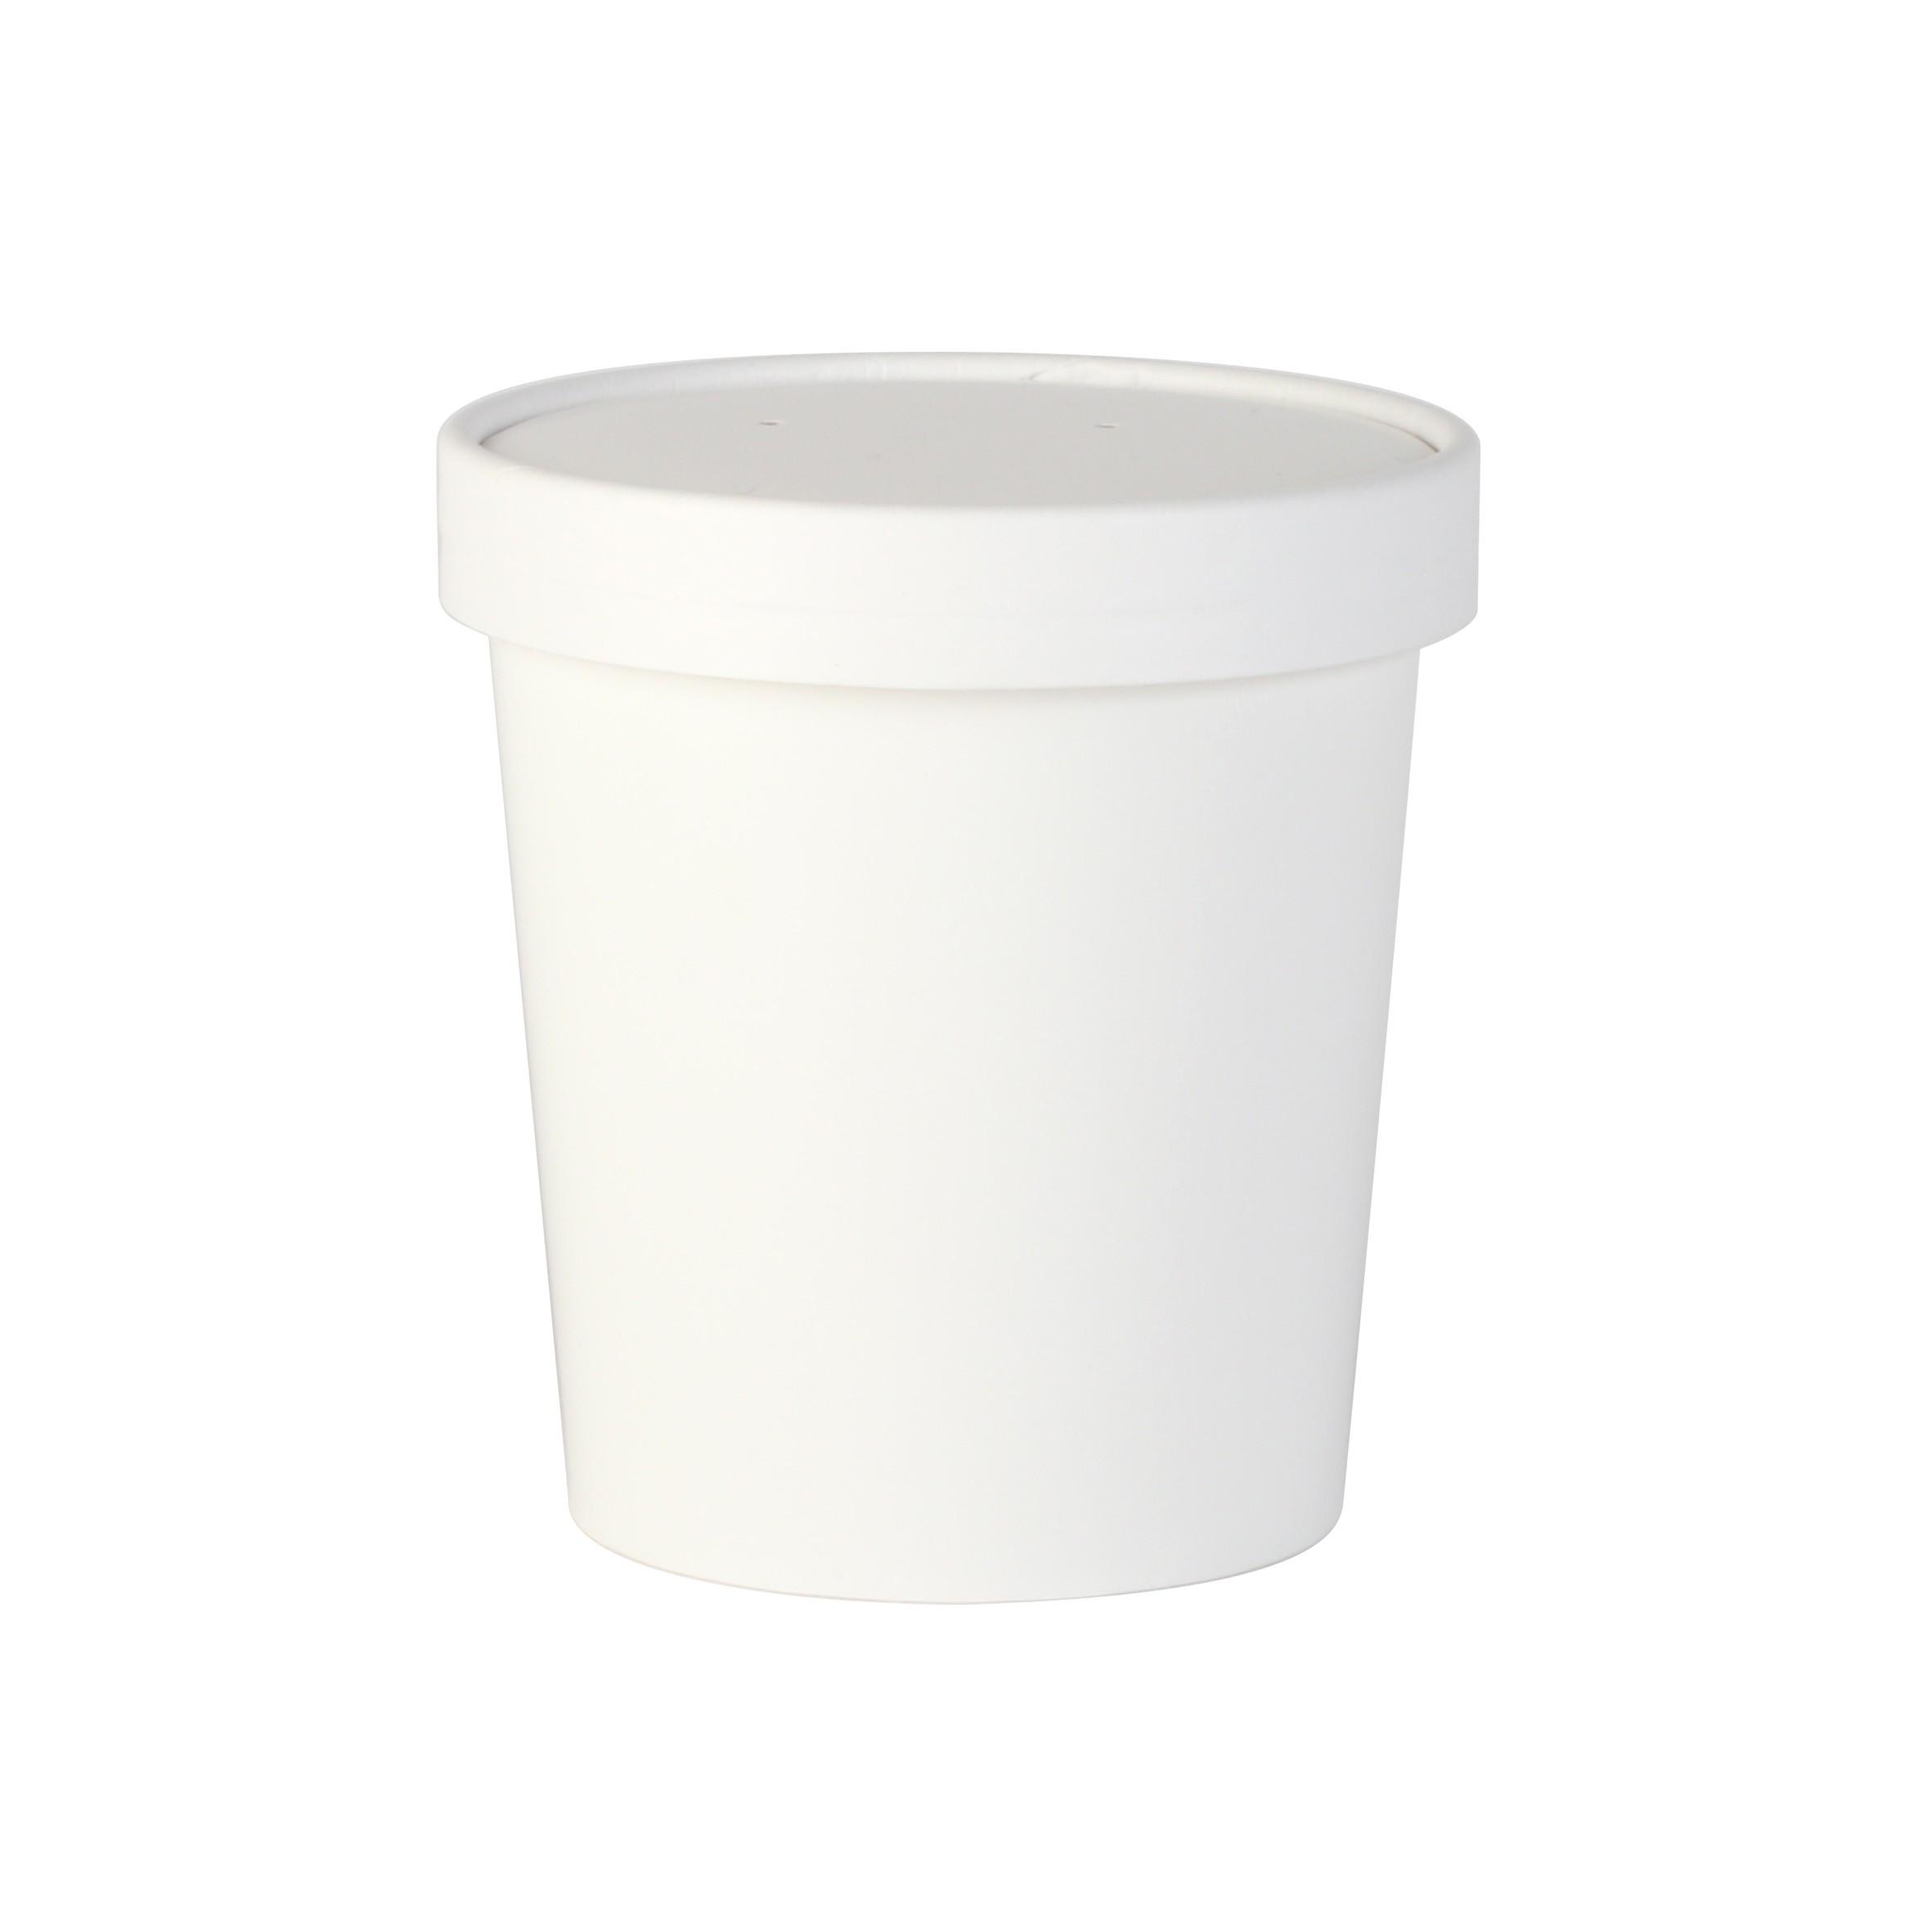 Pot soup to go 50 cl